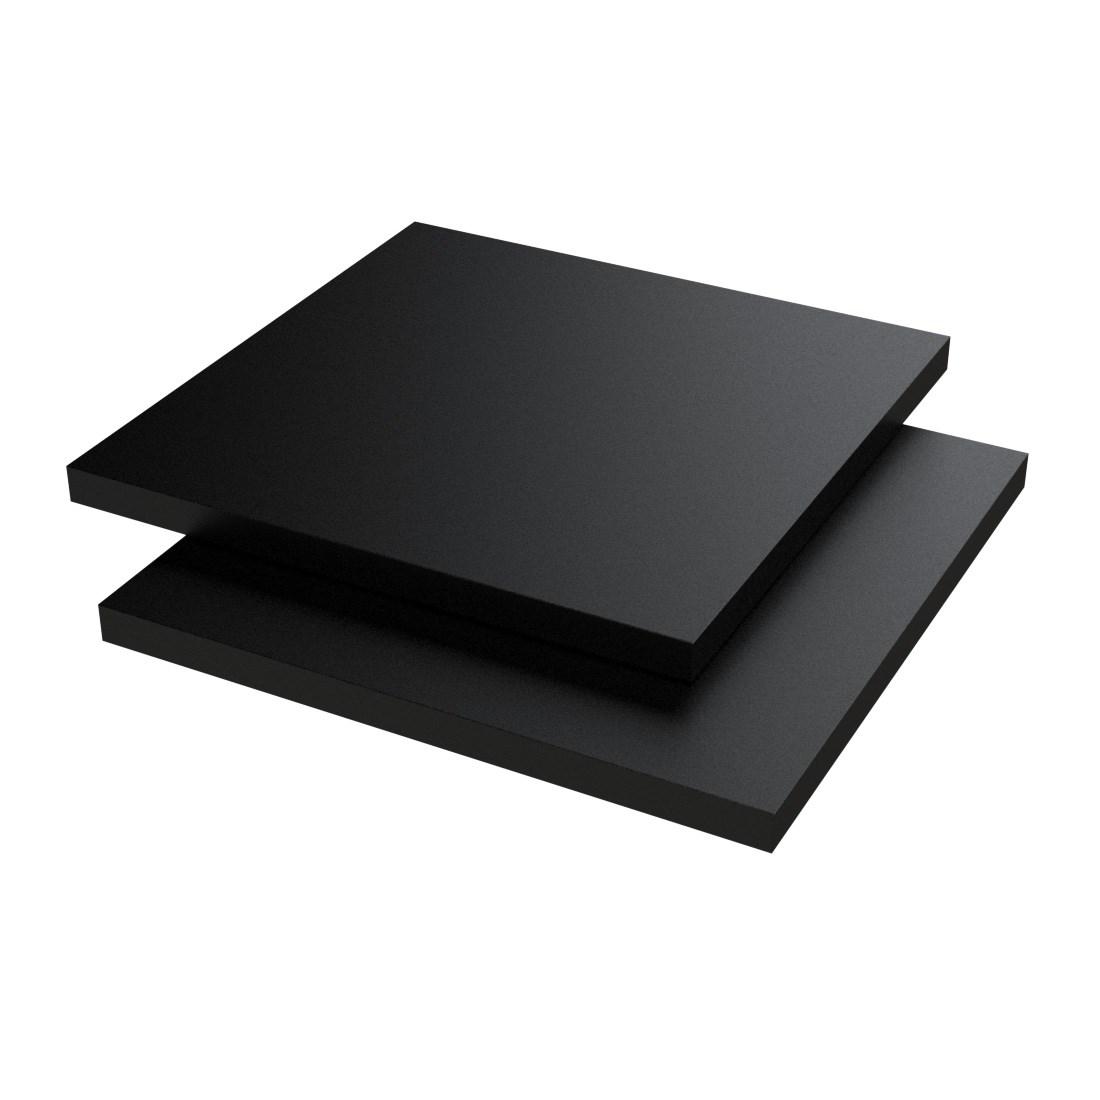 Vinplast PVC Plaat Caw XT Zwart Enkelzijdig folie 2000x1000x1mm